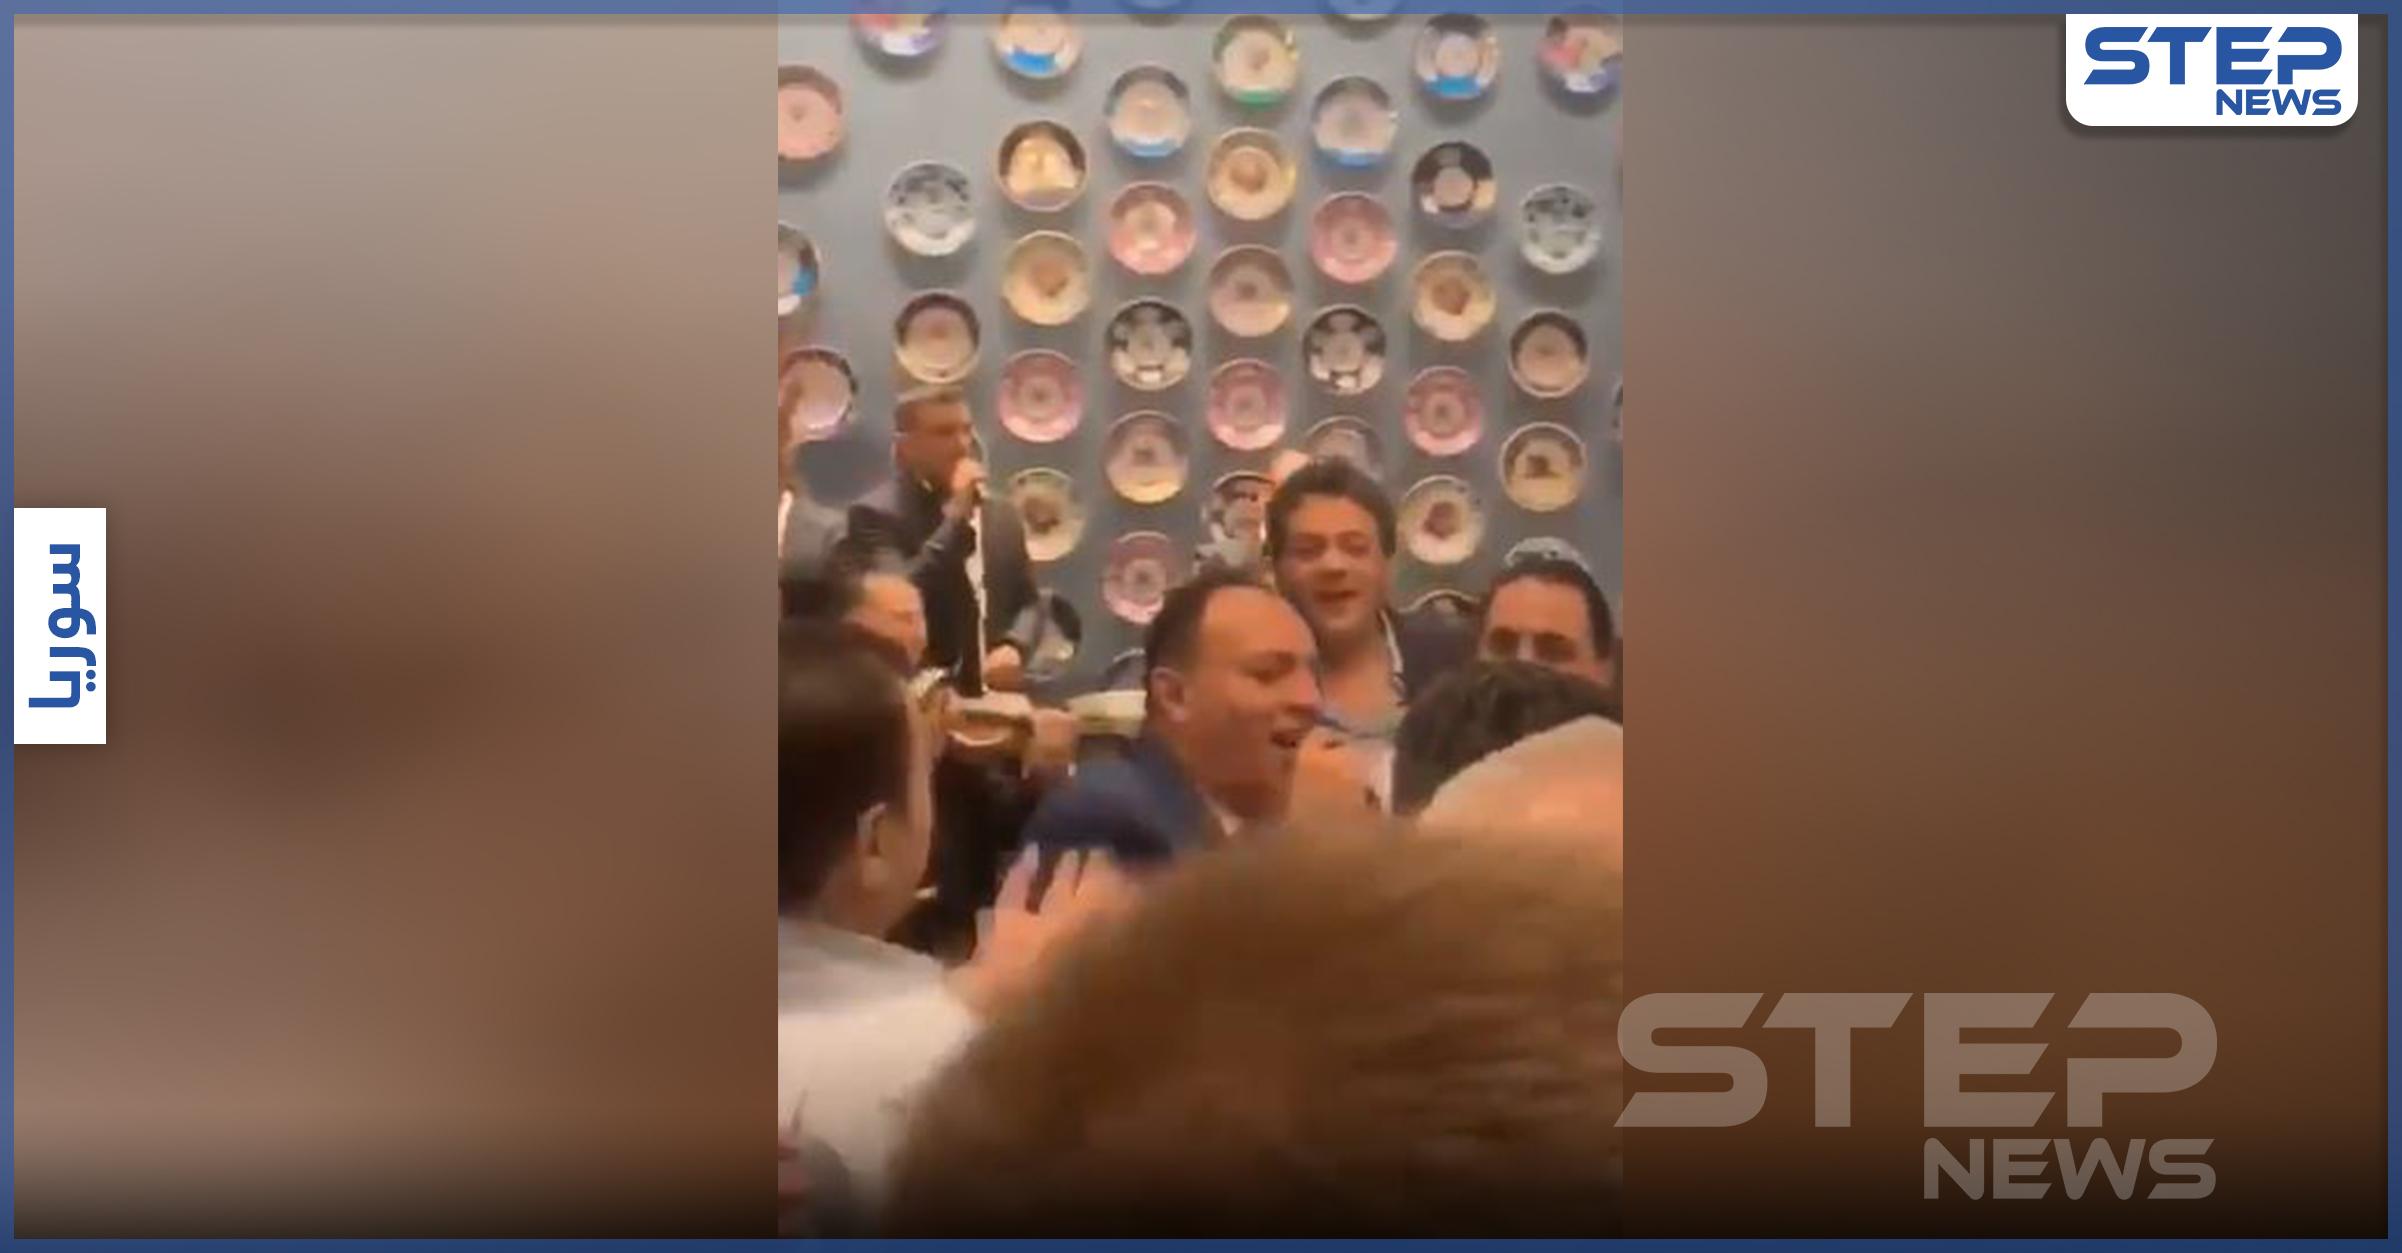 بالفيديو   رقص وغناء في غرفة تجارة دمشق التابعة للنظام السوري.. مع هتاف لــ ماهر الأسد